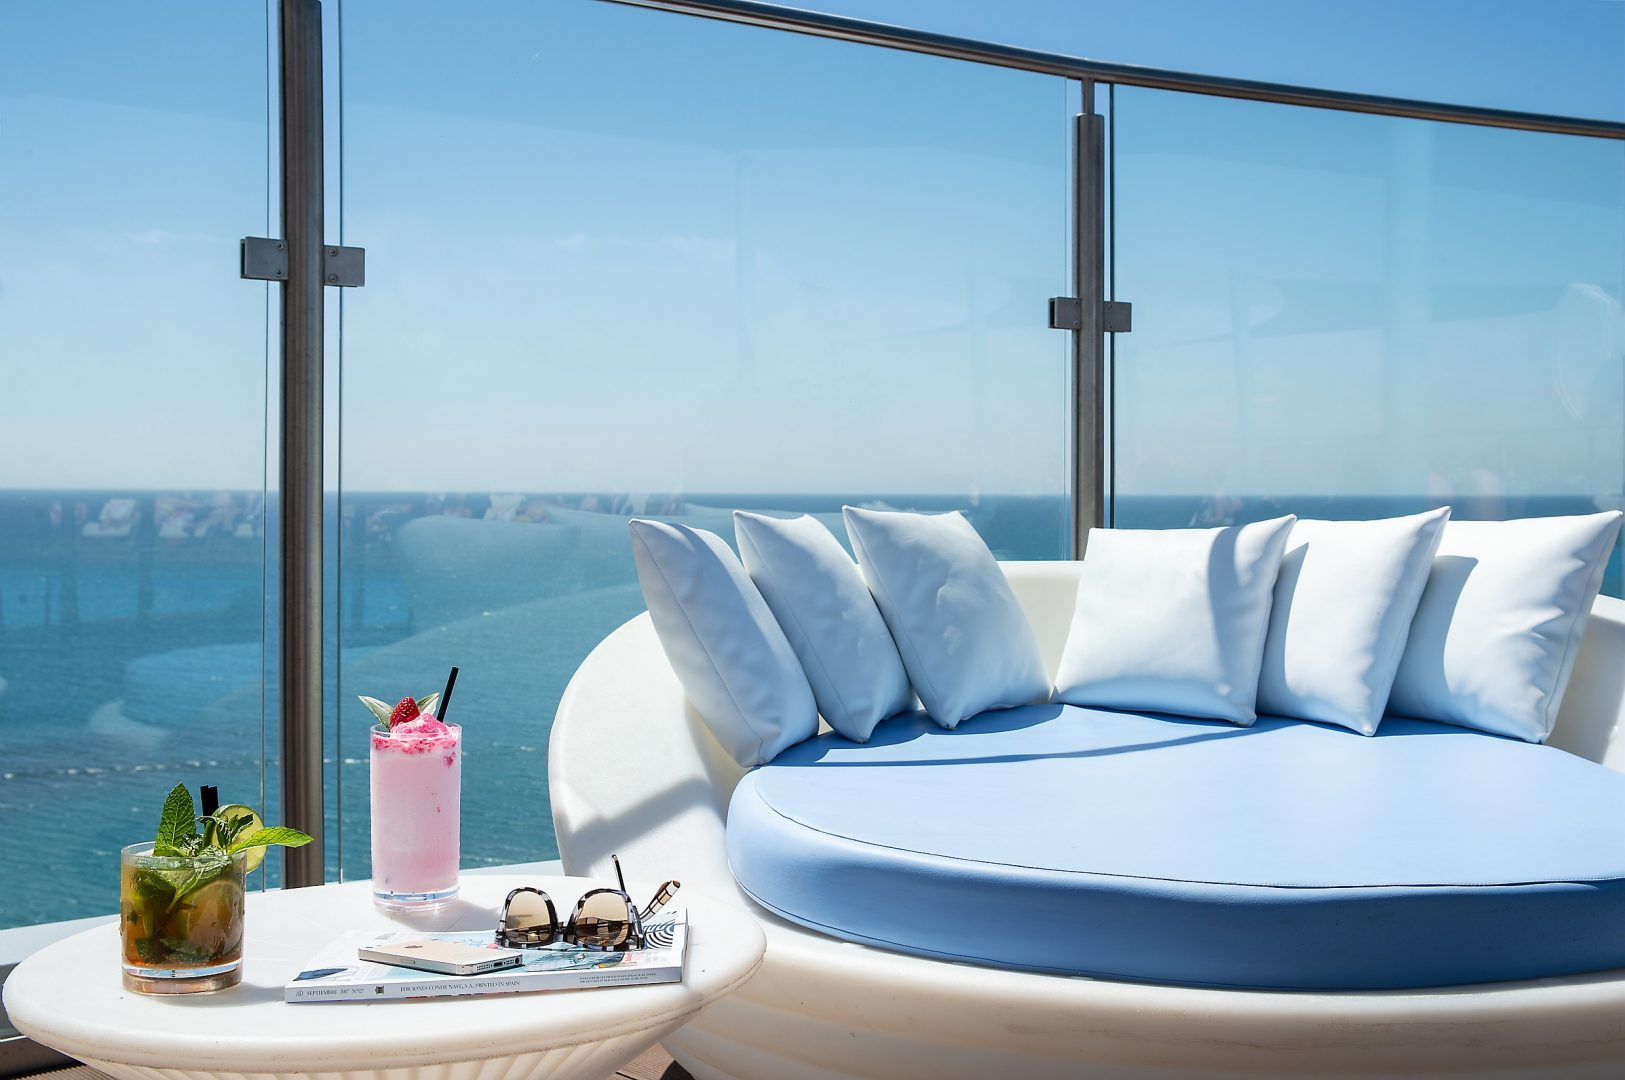 Hotel El Puerto   Sky Bar Azotea   By Pierre & Vacances